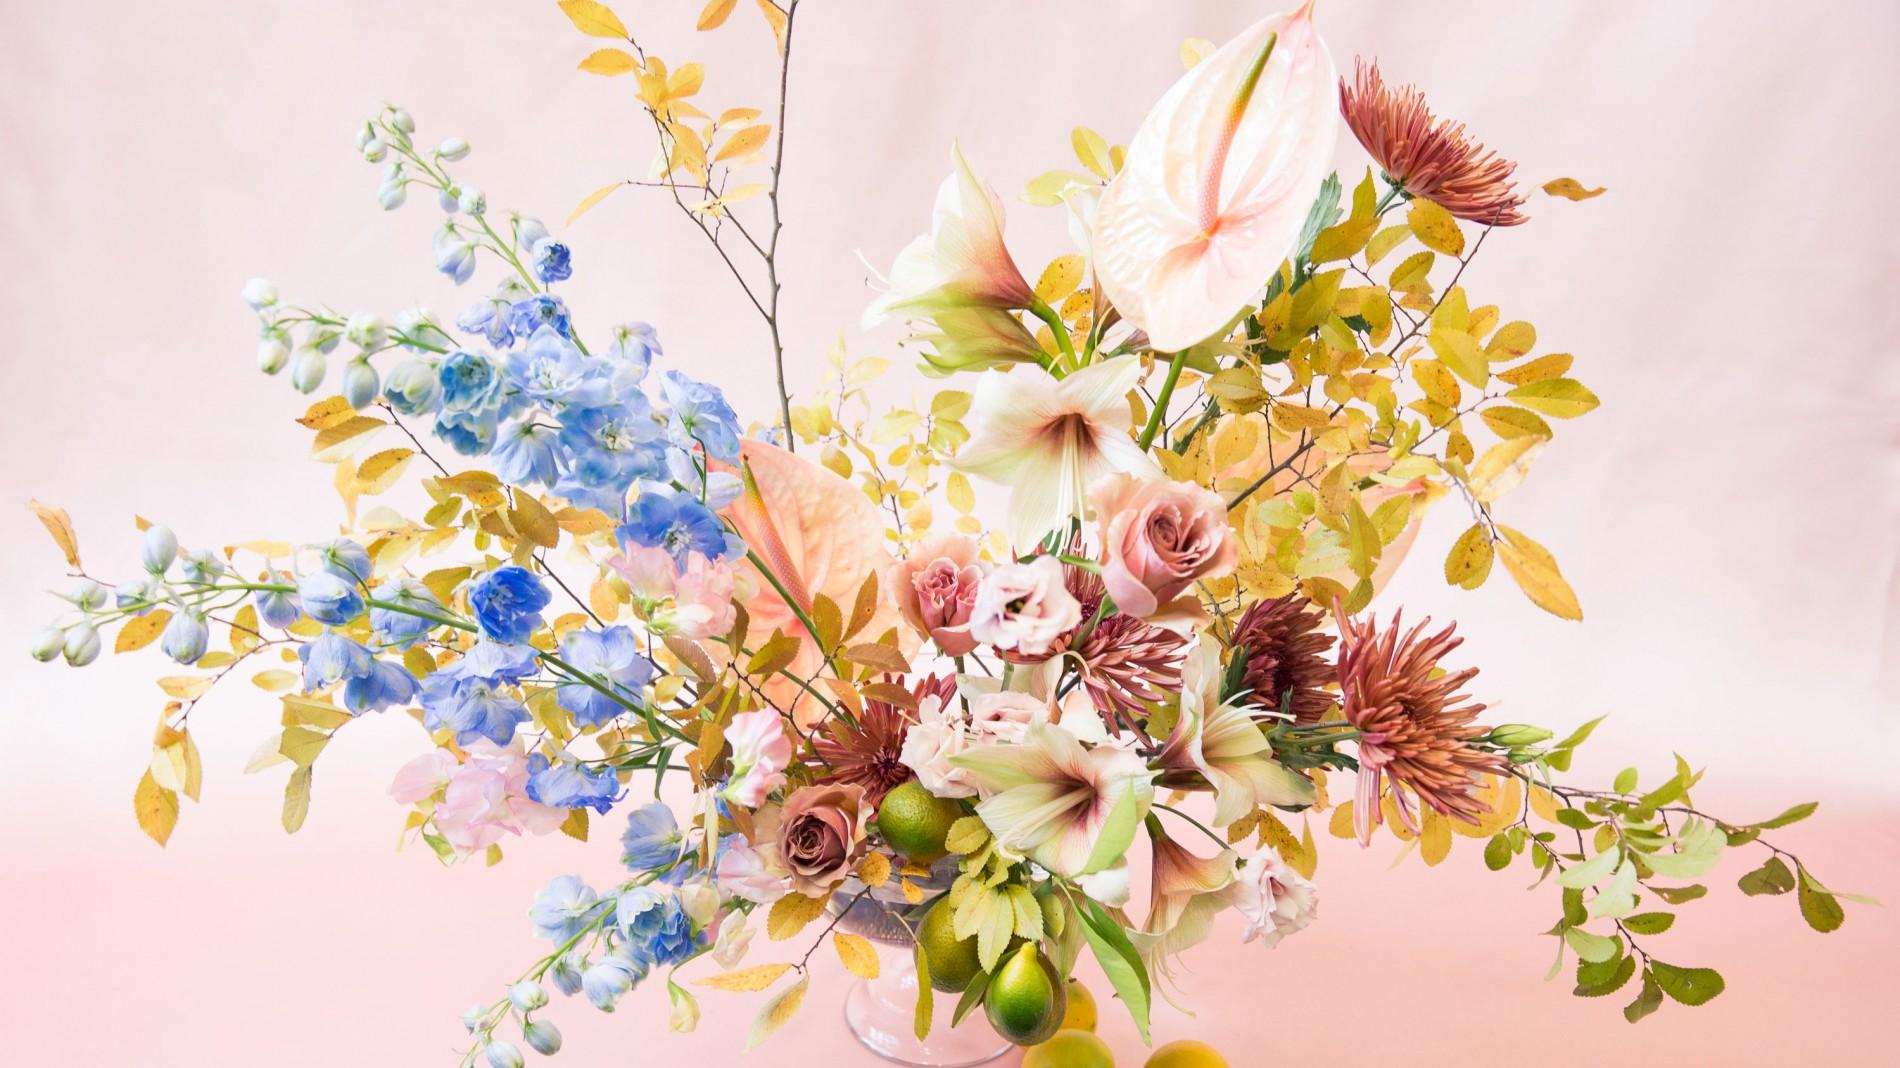 Putnam Putnam Flowers 2 homepage 1900x1068 - Como fazer um arranjo de flor despretensioso